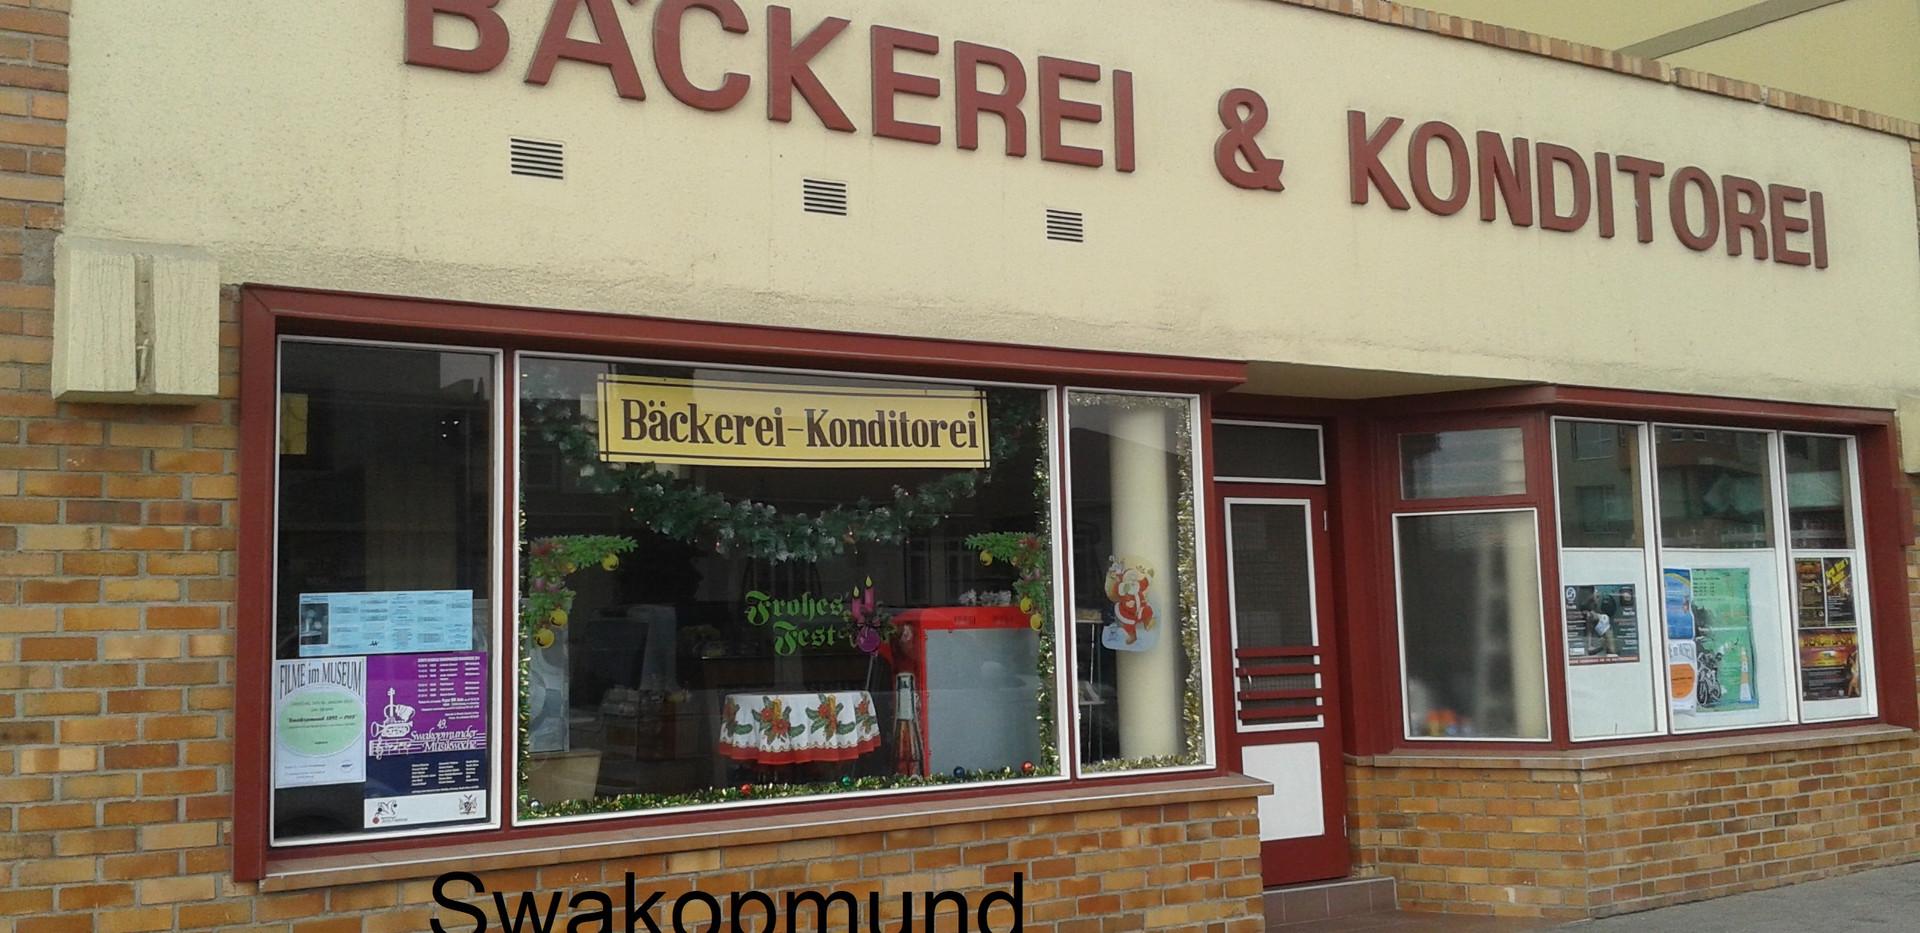 Bäckerei_Swakopmund_beschriftet.jpg